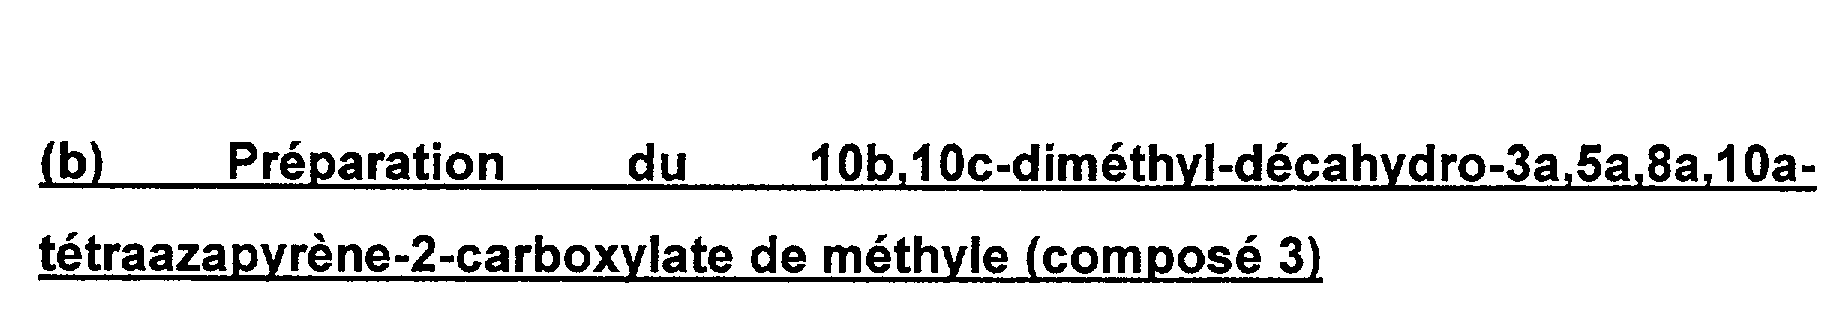 Figure img00090002